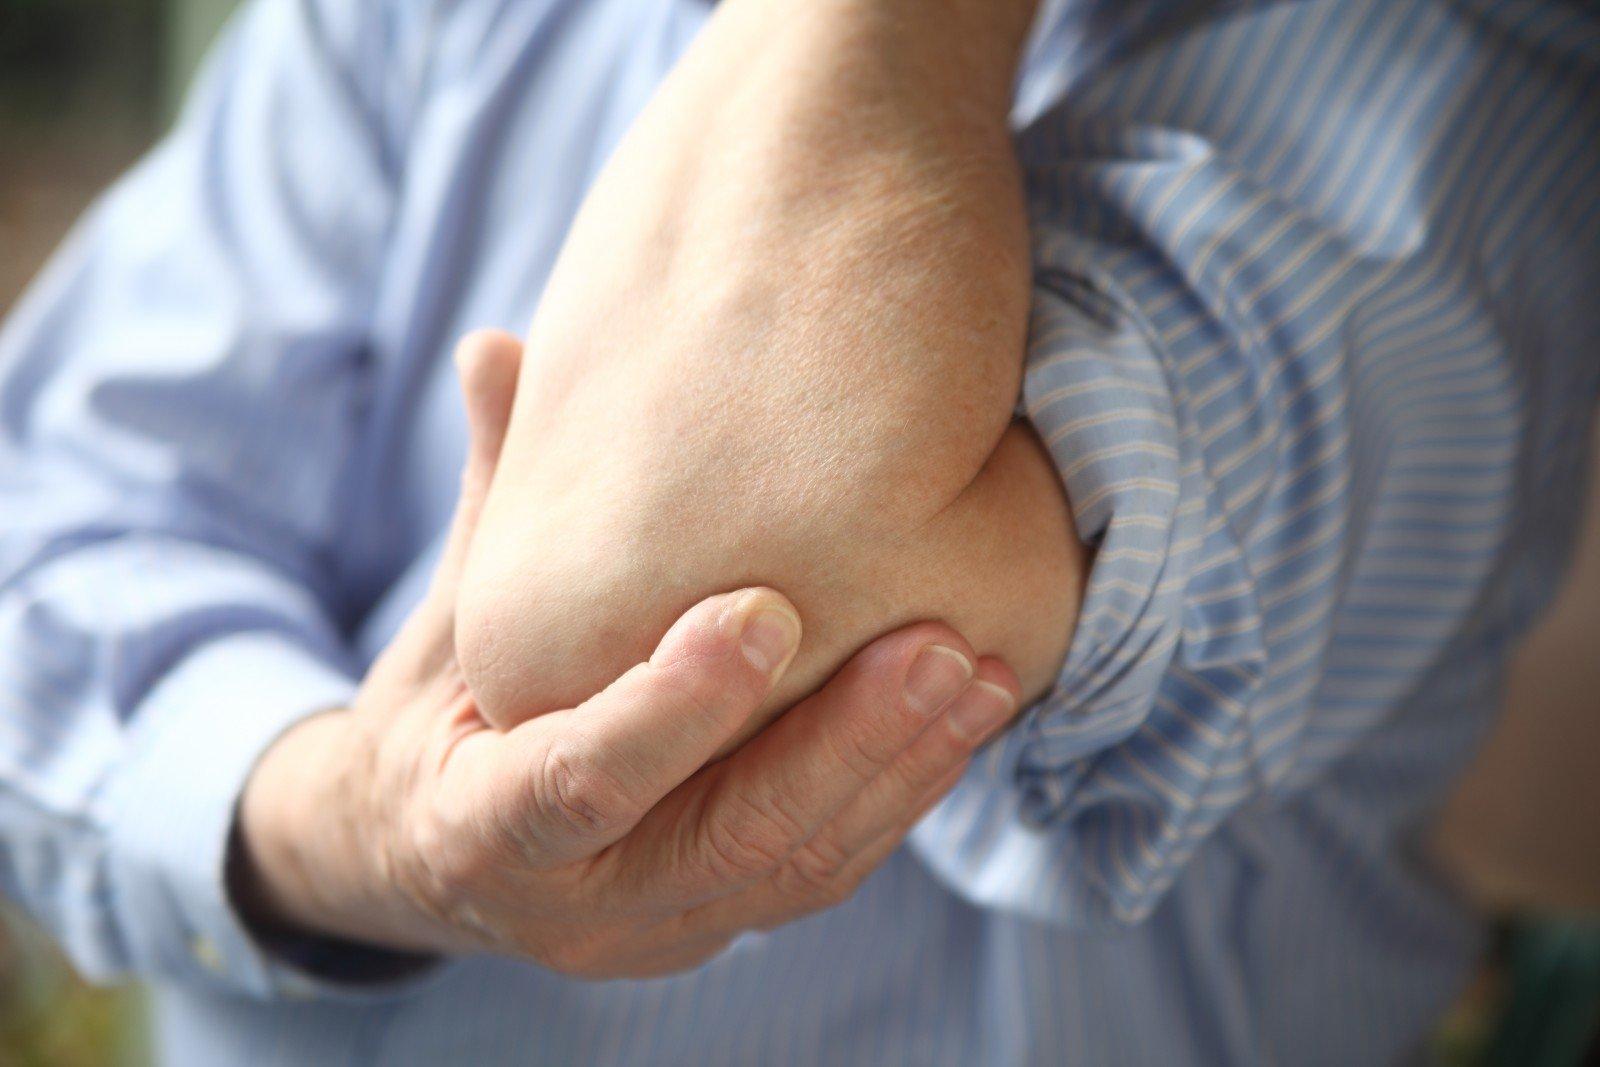 gydymas epipudilite alkūnės sąnarių liaudies metodų